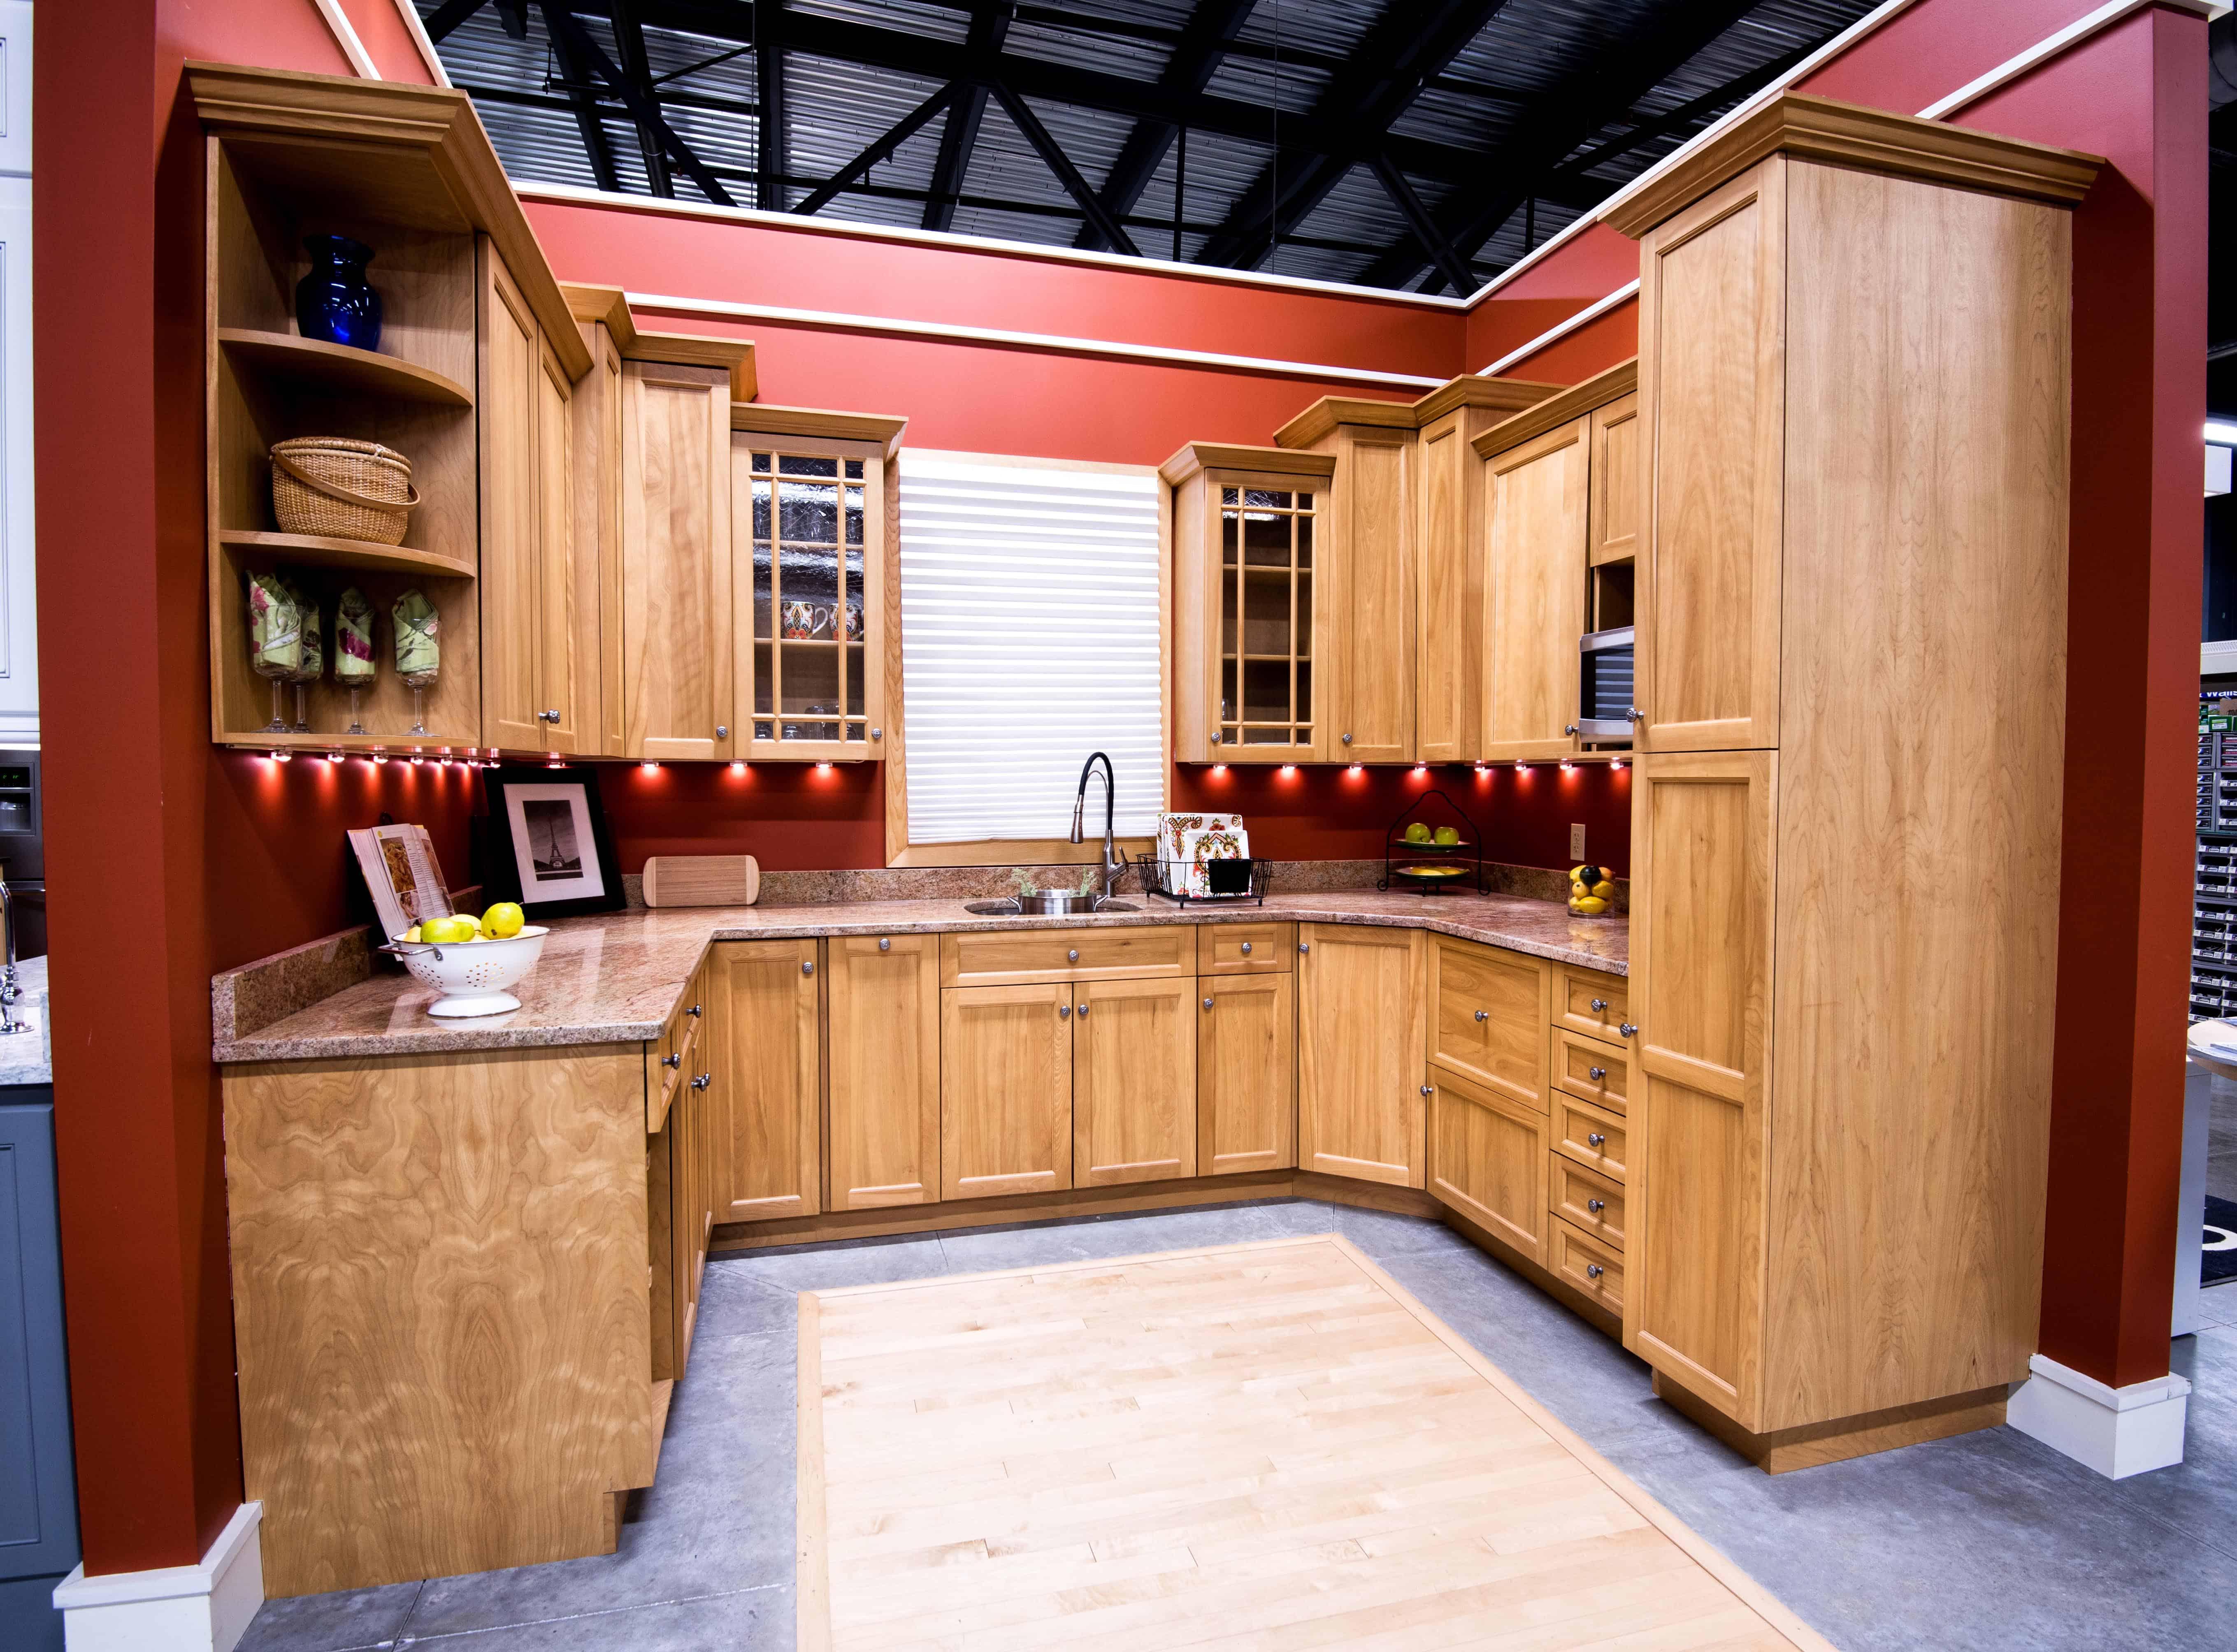 Hatfield Kitchen & Bath